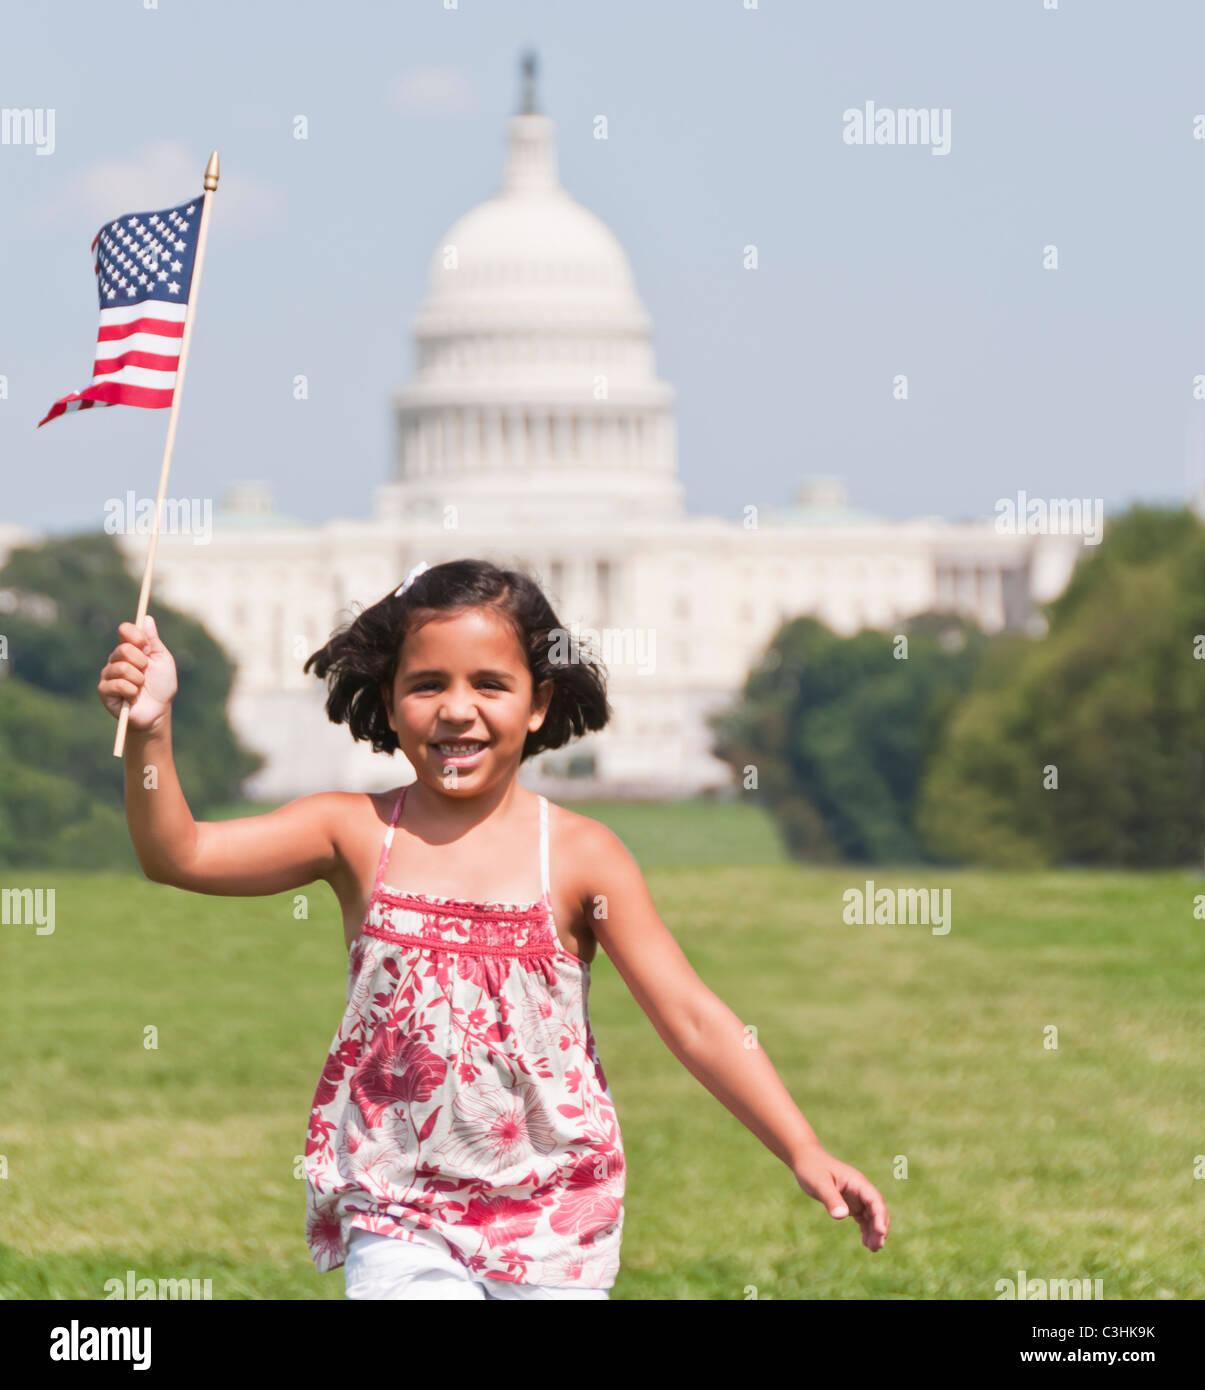 Ee.Uu., Washington DC, chica (10-11) con bandera estadounidense corriendo delante del edificio del Capitolio Imagen De Stock